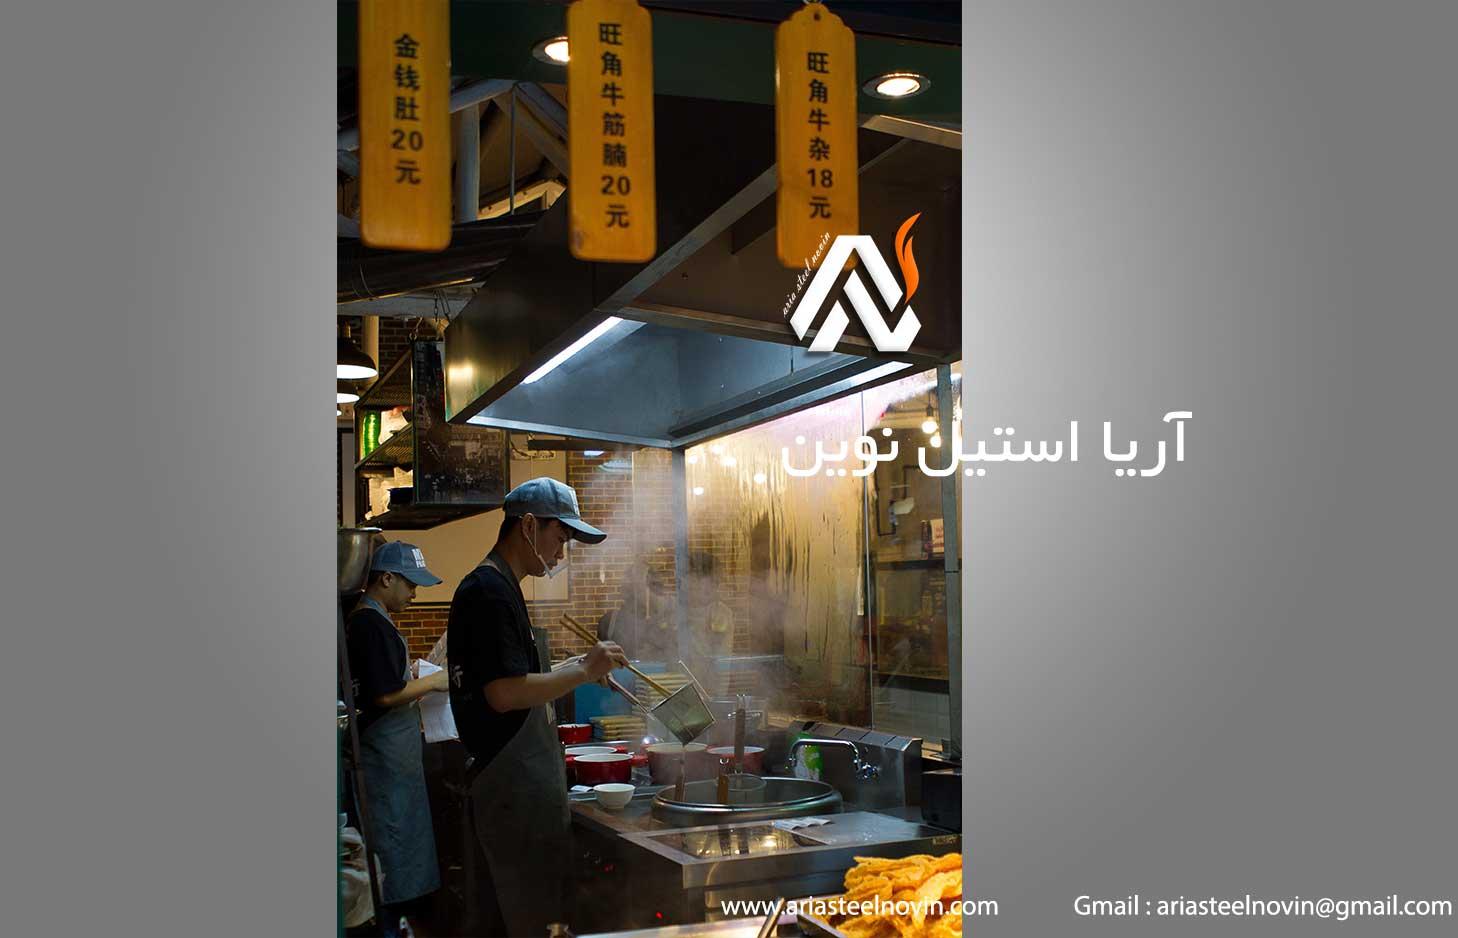 restaurant adwerb